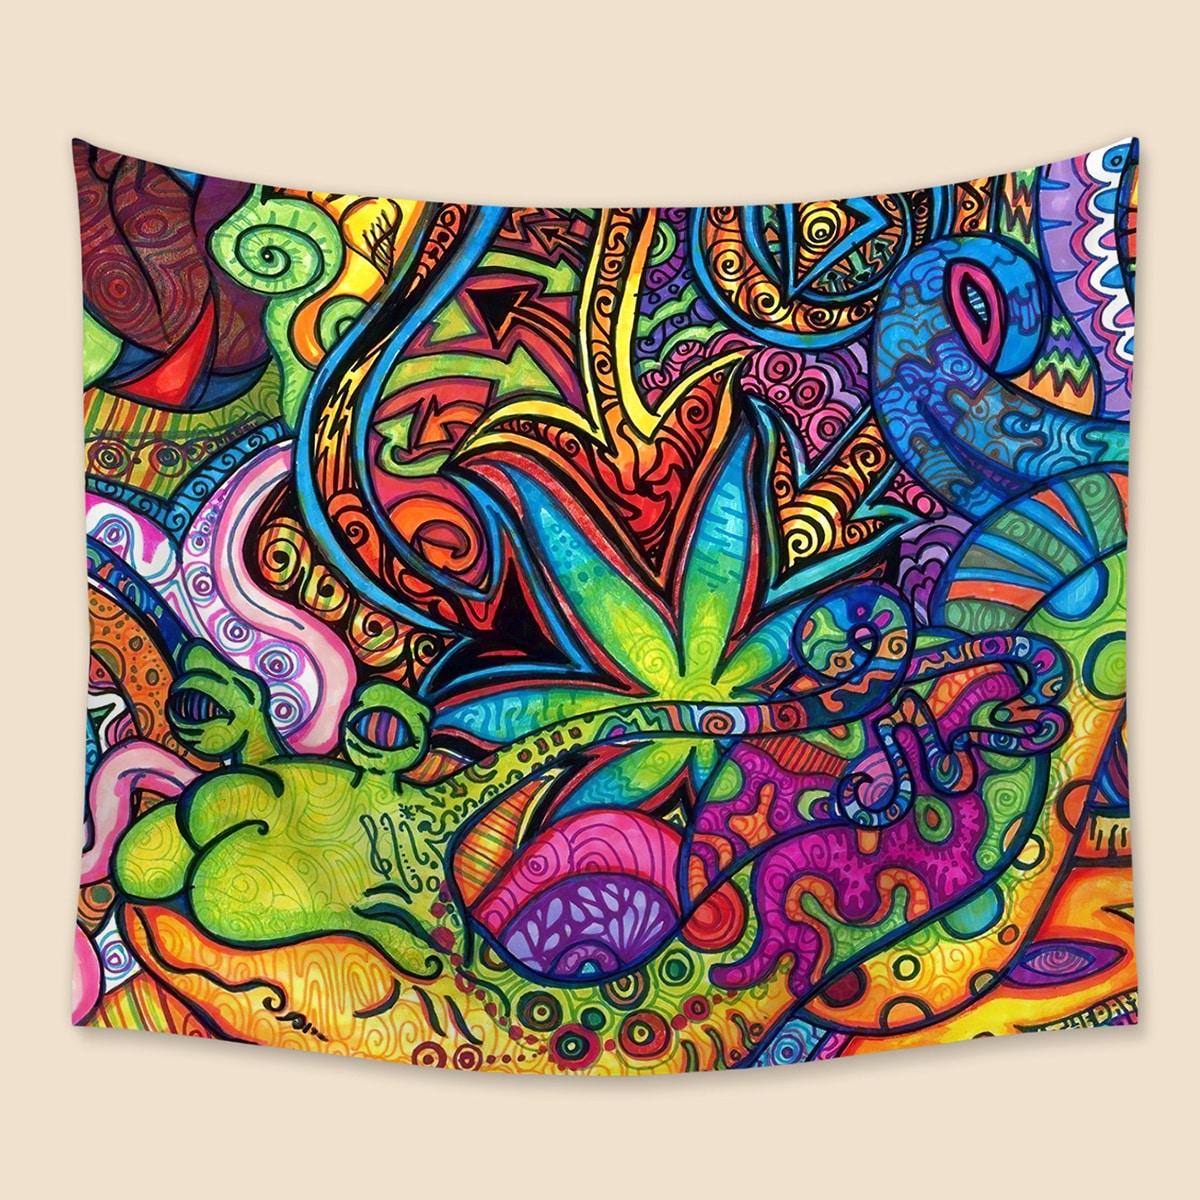 Tapisserie mit abstraktem Muster